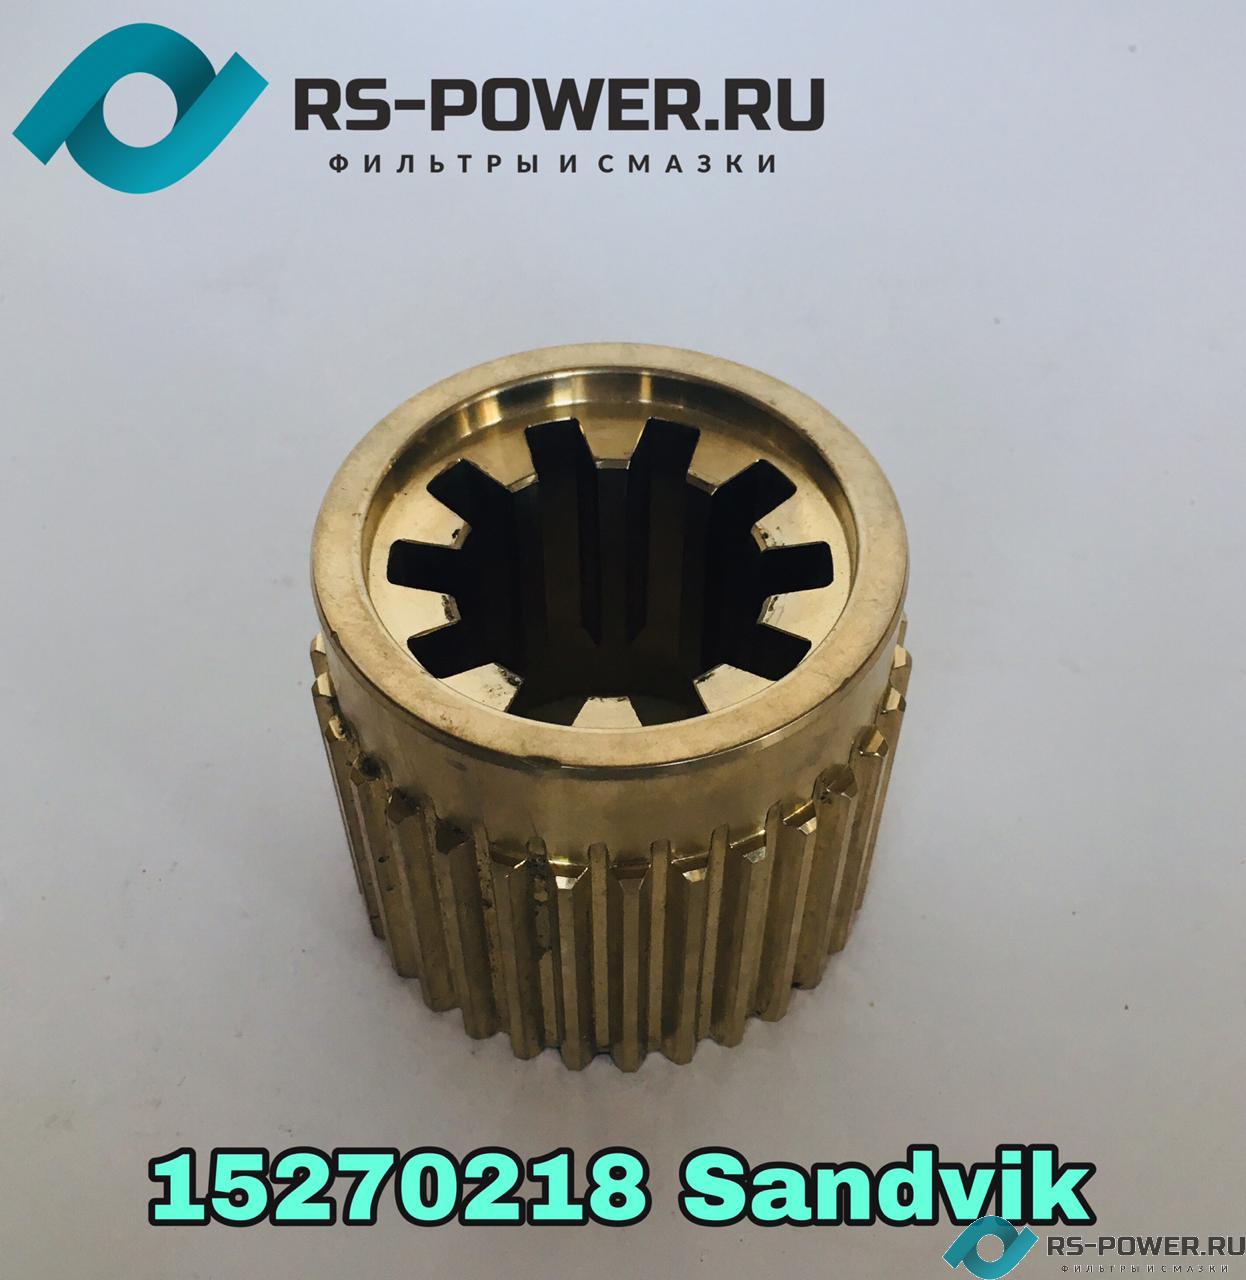 Муфта 152 702 18 Sandvik HLX5T